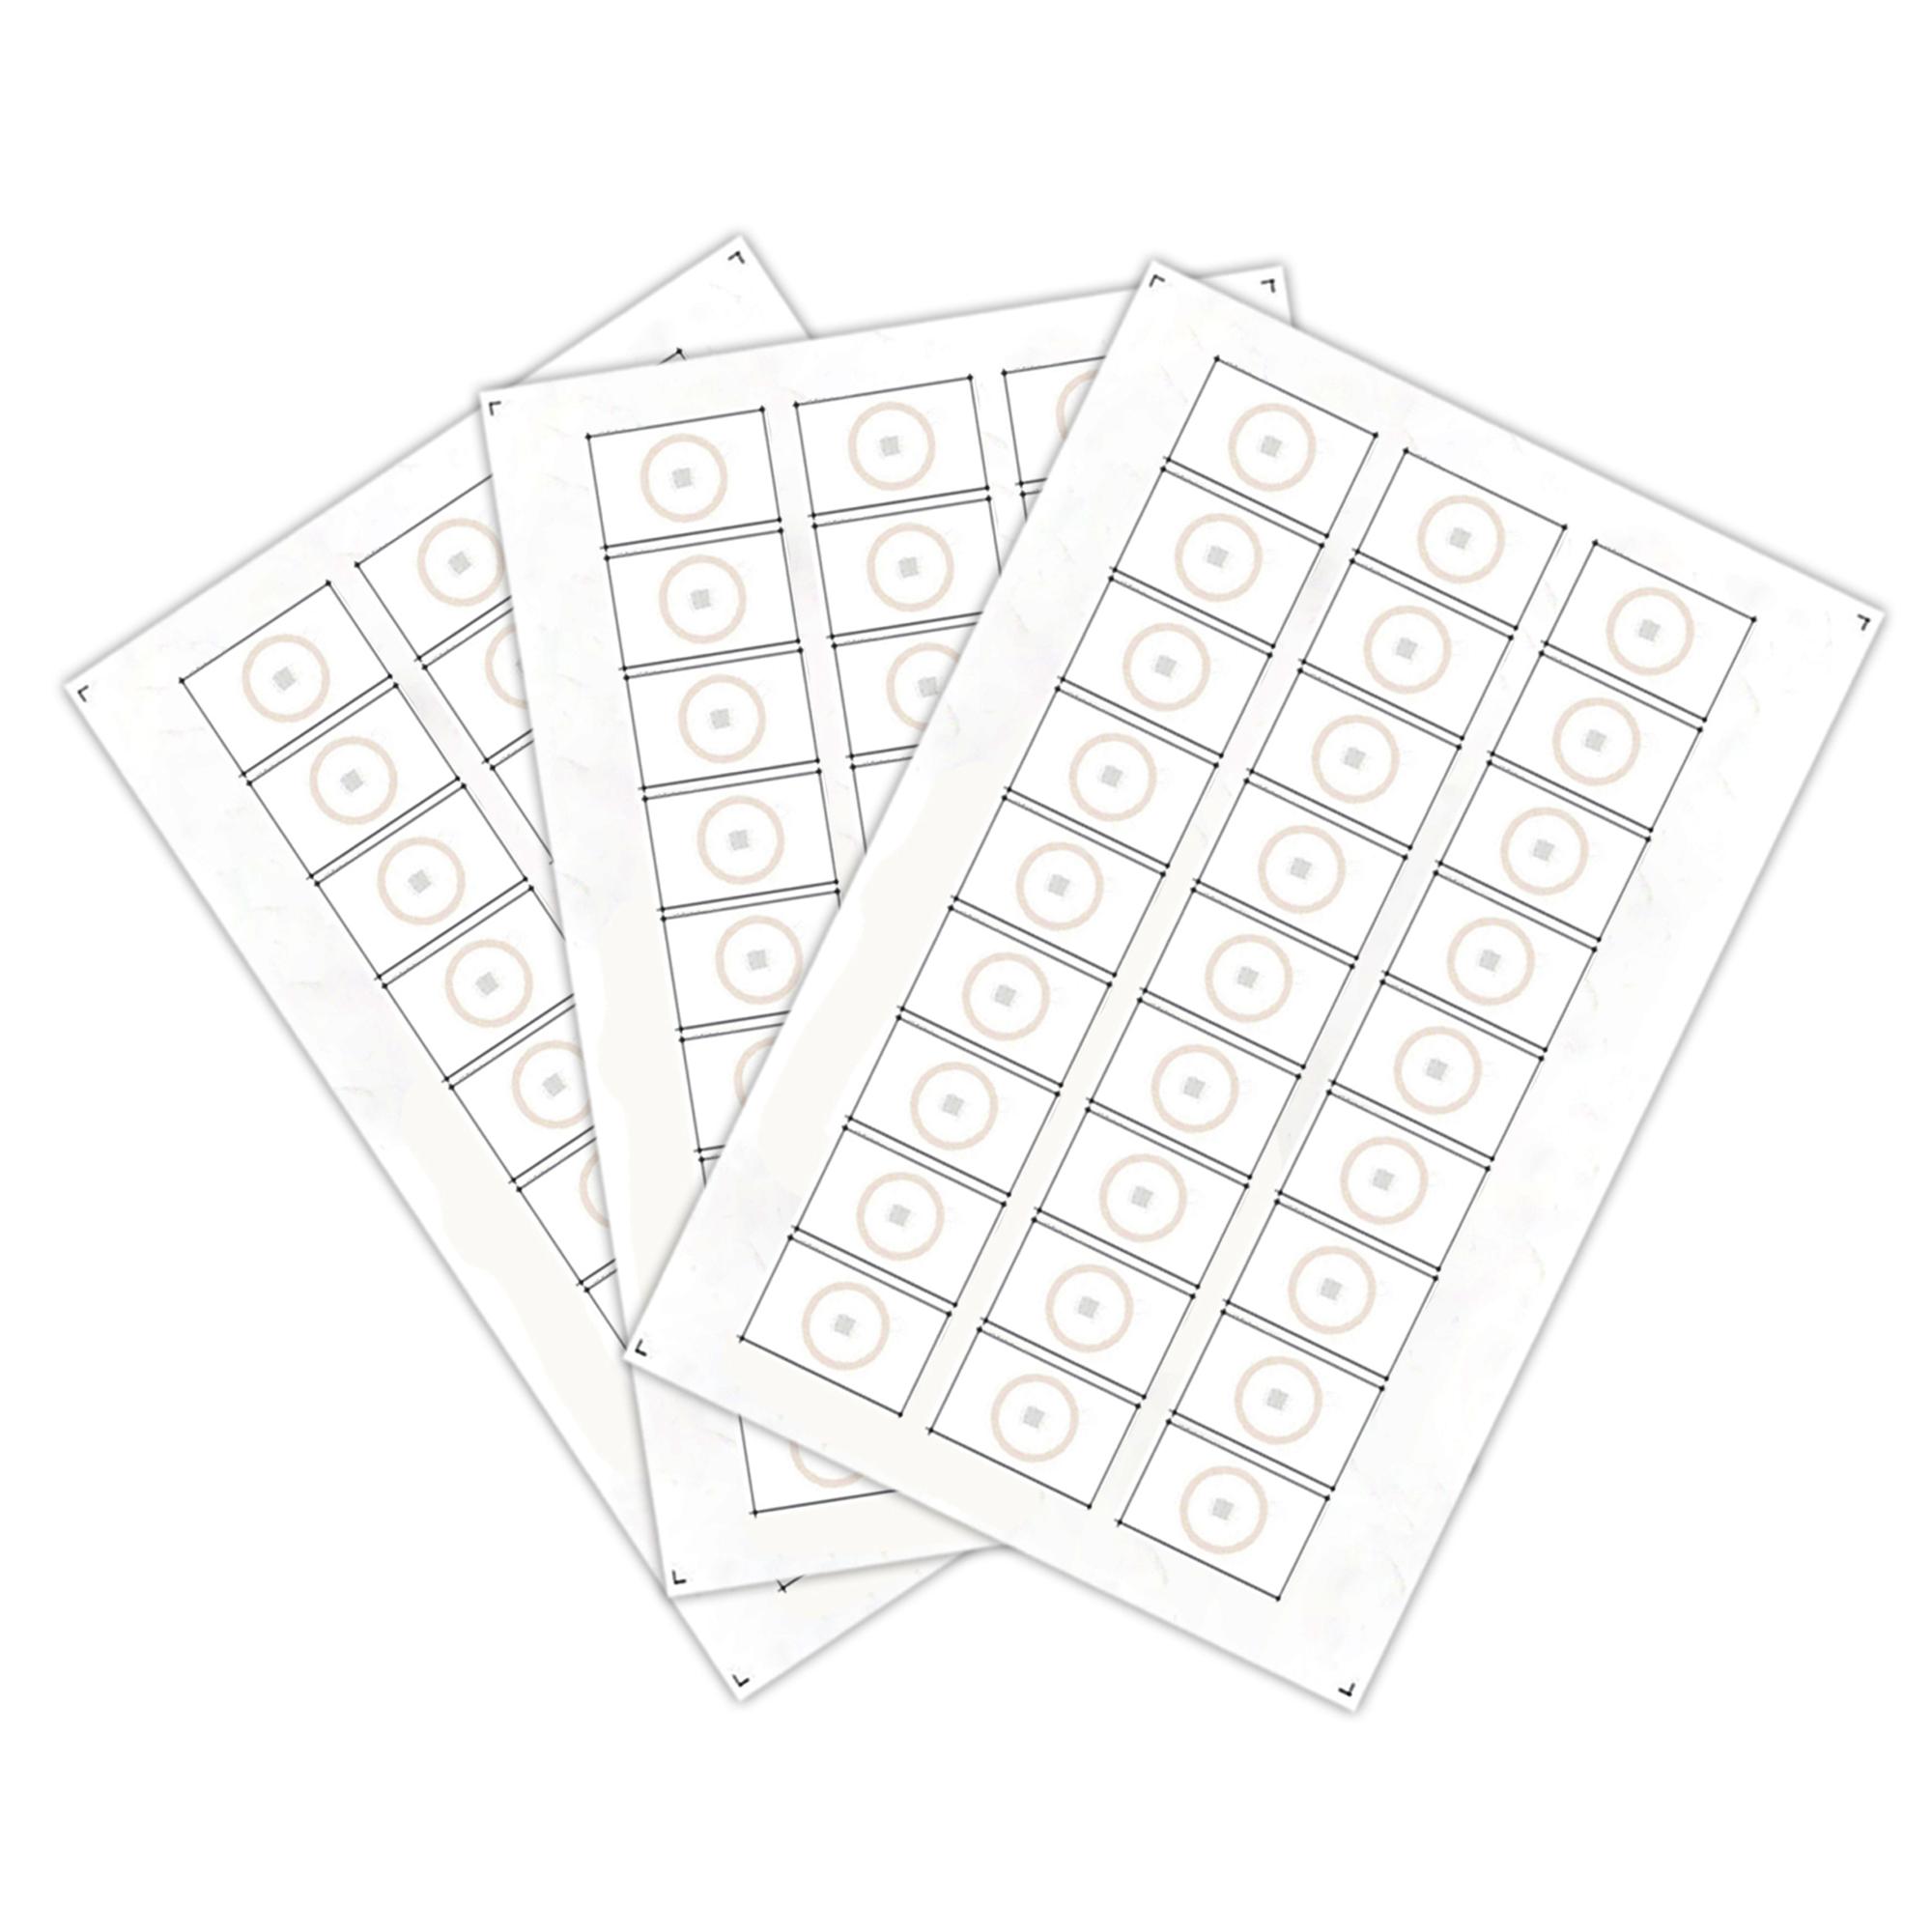 Сырье, инлей для производства rfid-карт HID Prox 2 (24 чипов на листе формата A4)